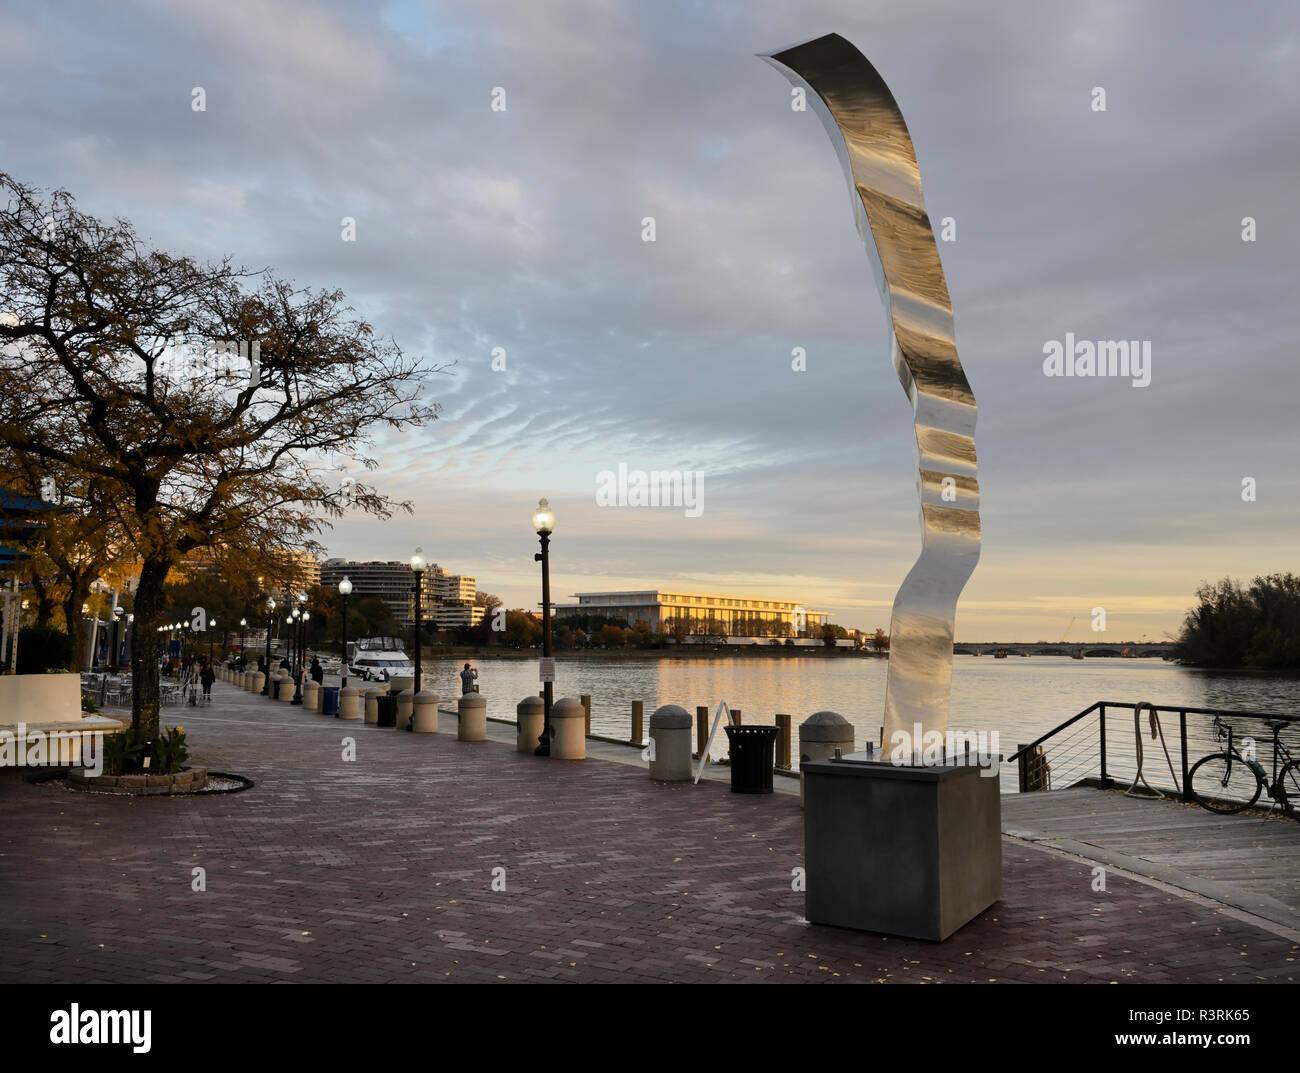 Georgetown Waterfront Park pour piétons le long de la rivière Potomoac avec sculpture, la Terre Mère par Barton Rubenstein Photo Stock